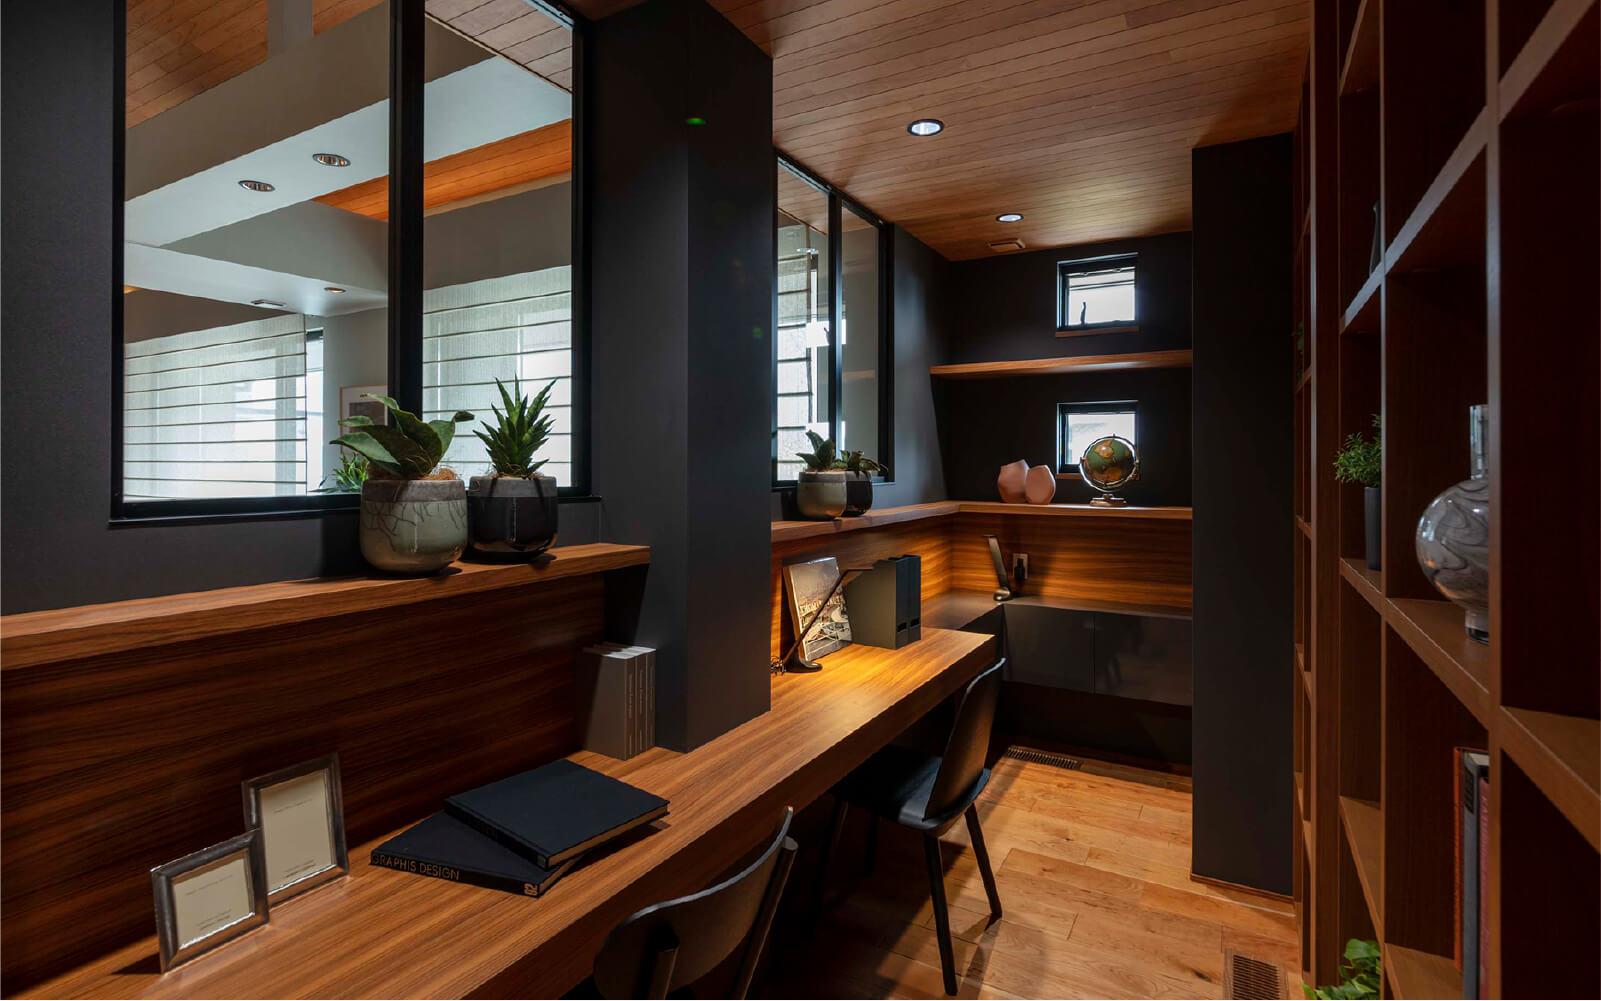 トヨタホームさんの平屋住宅「シンセ・スマートステージプラス(平屋)」のホームオフィスの写真